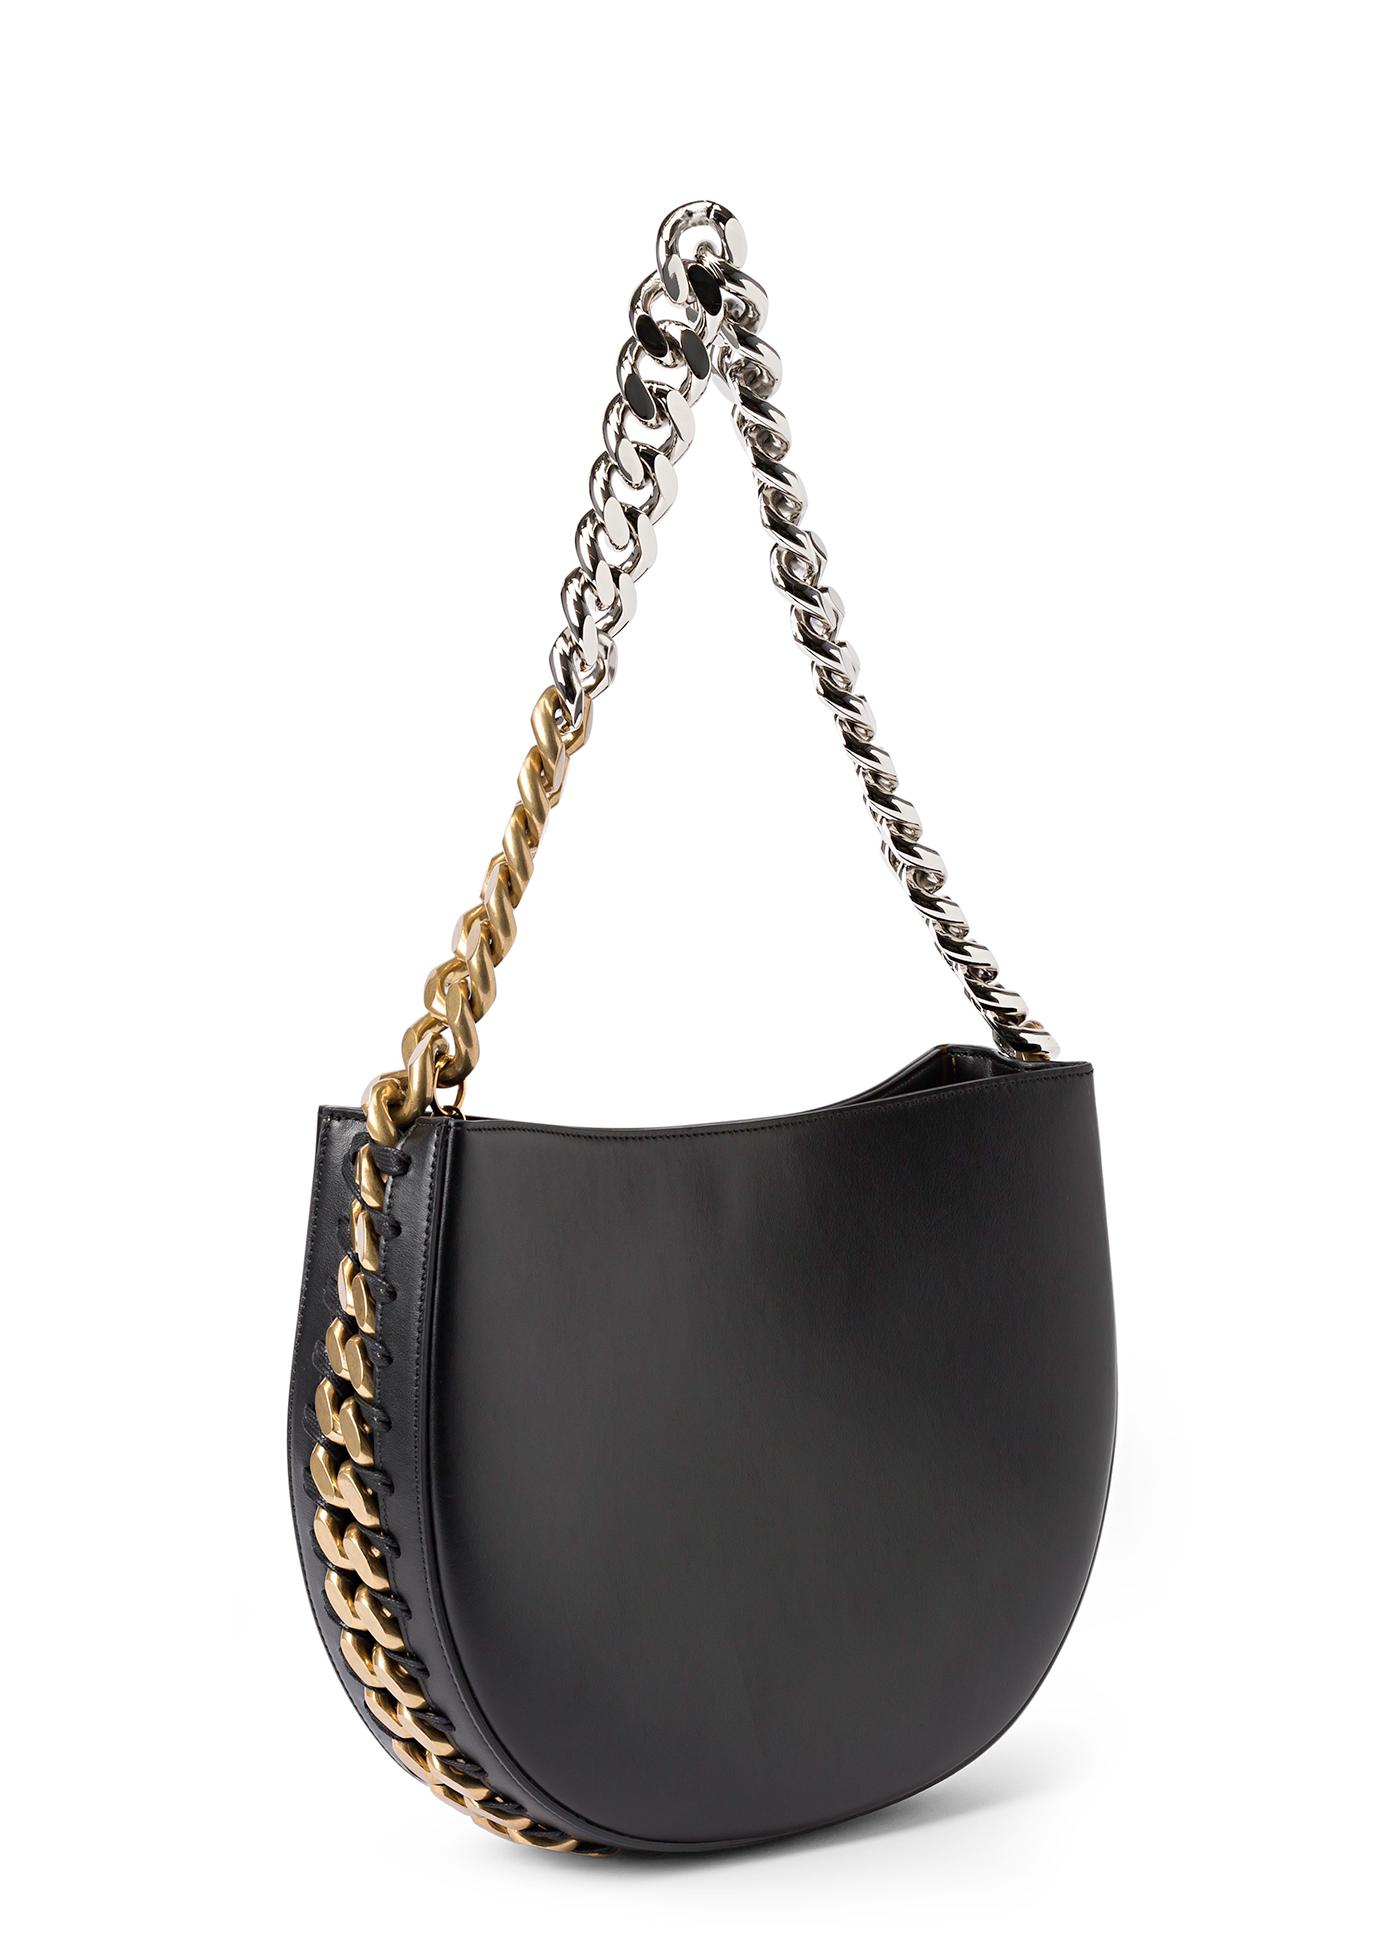 Medium Shoulder Bag Chain Alter Mat image number 1